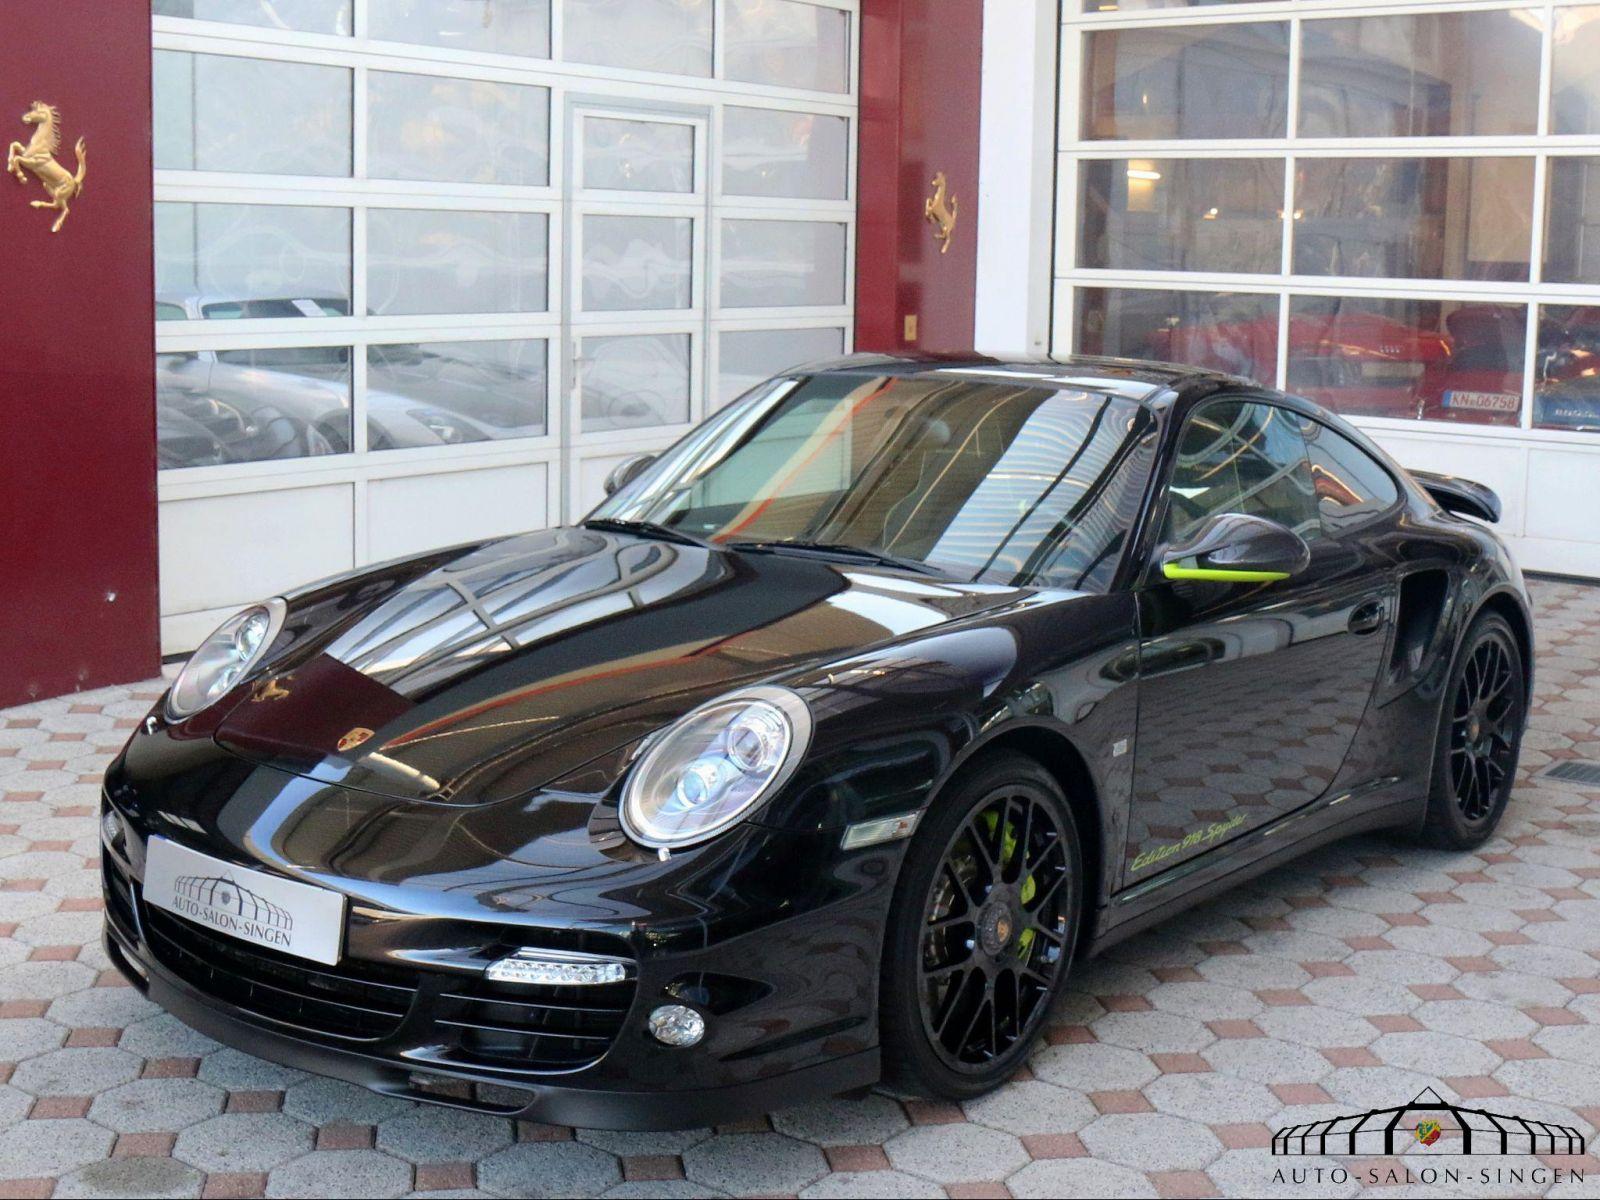 Porsche 997 Turbo >> Porsche 997 Turbo S Edition 918 Spyder Coupe Coupe Auto Salon Singen